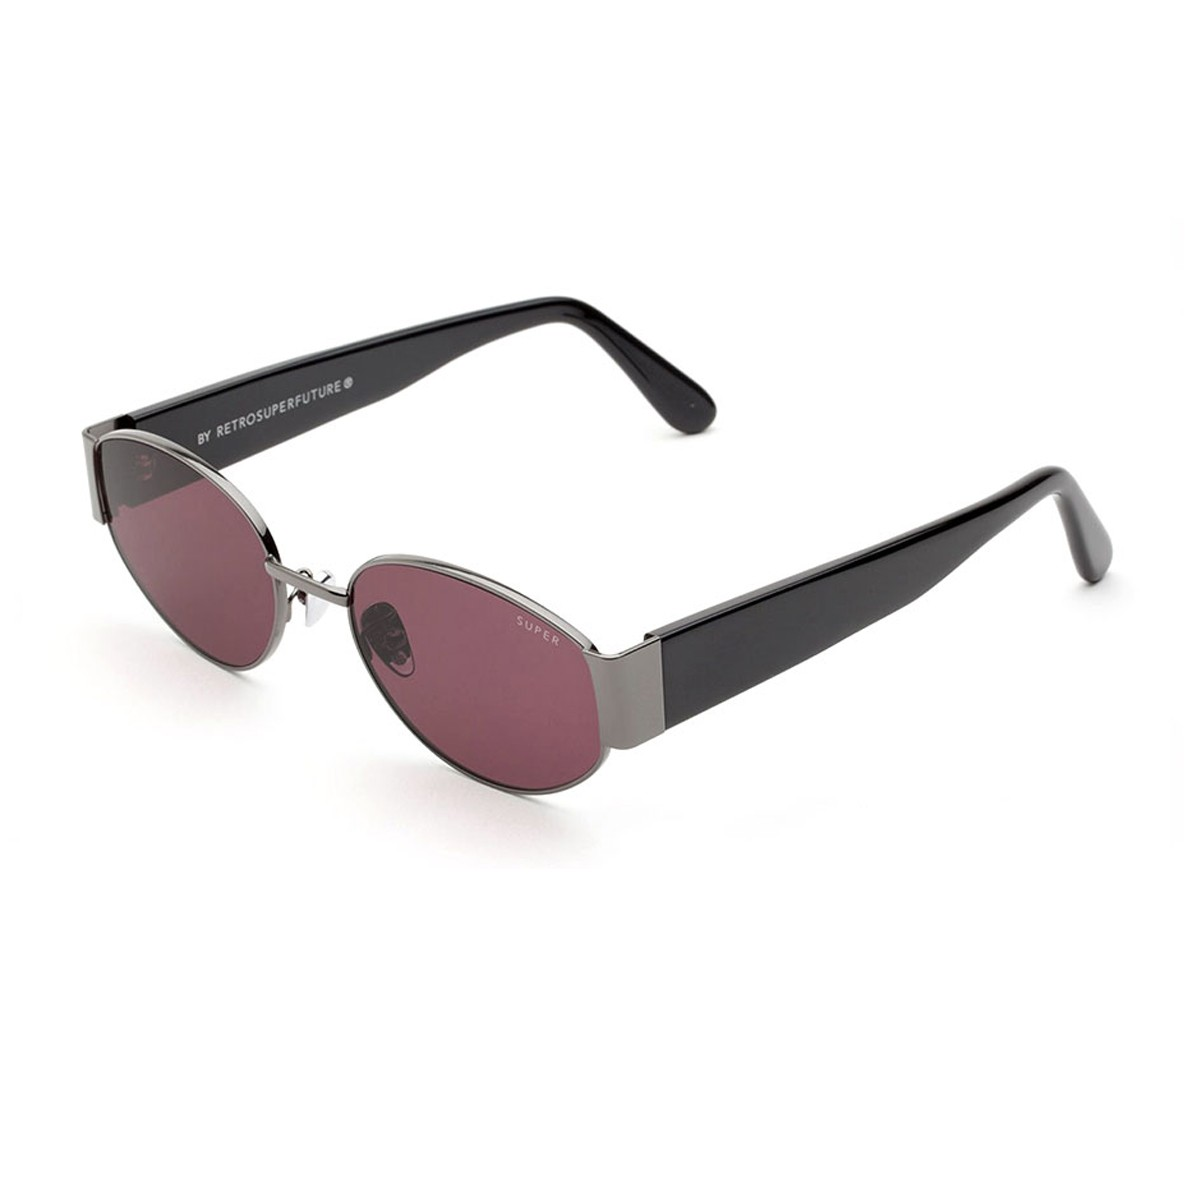 Super The x Bordeaux | Unisex sunglasses